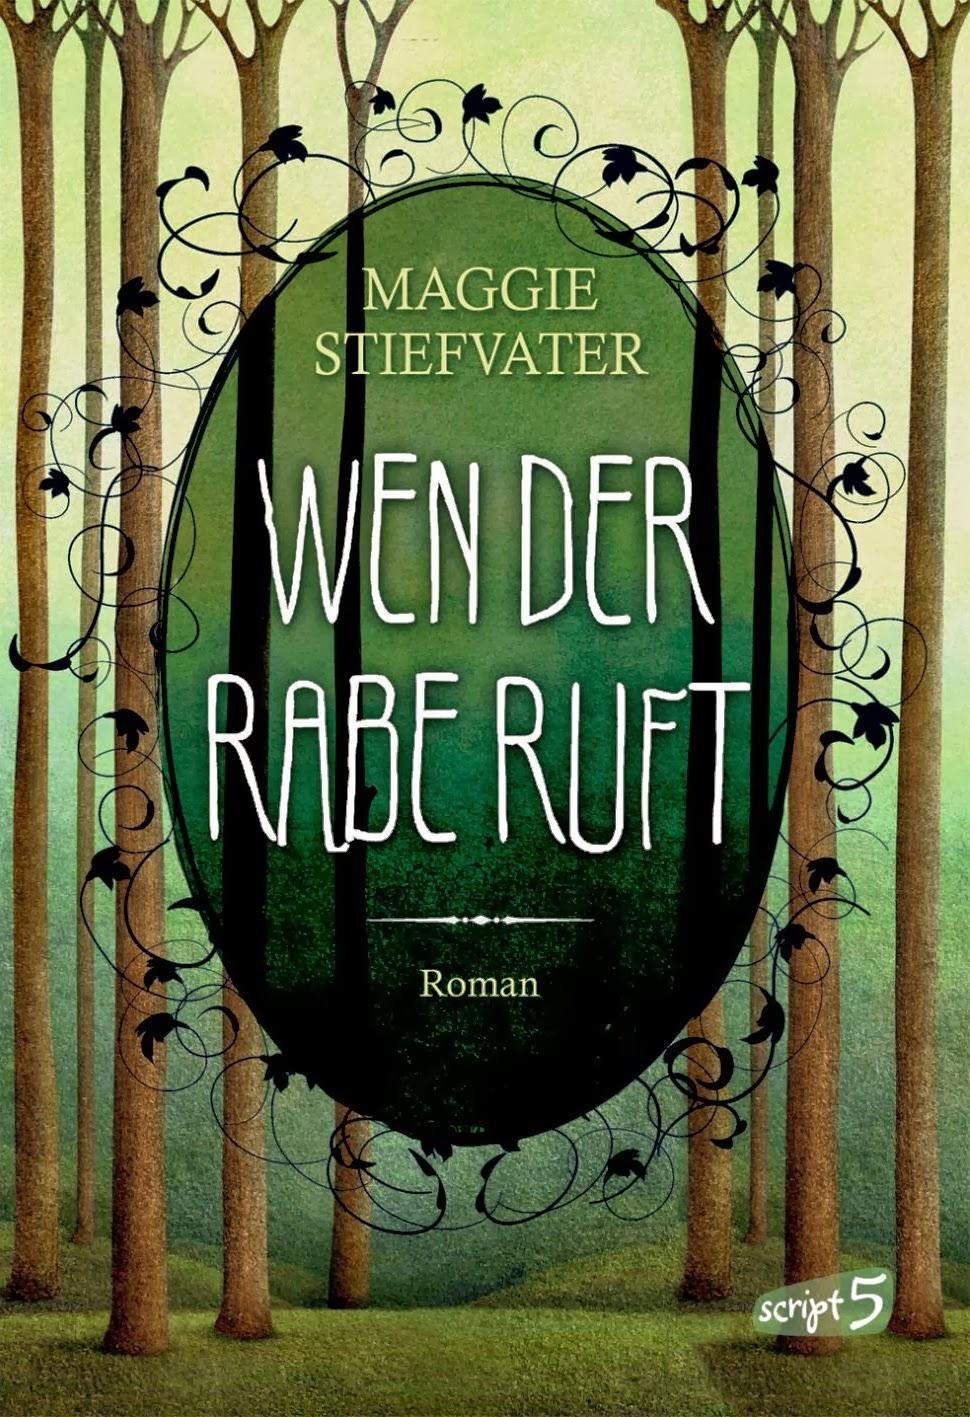 http://planet-der-buecher.blogspot.de/2013/12/rezension-wen-der-rabe-ruft.html